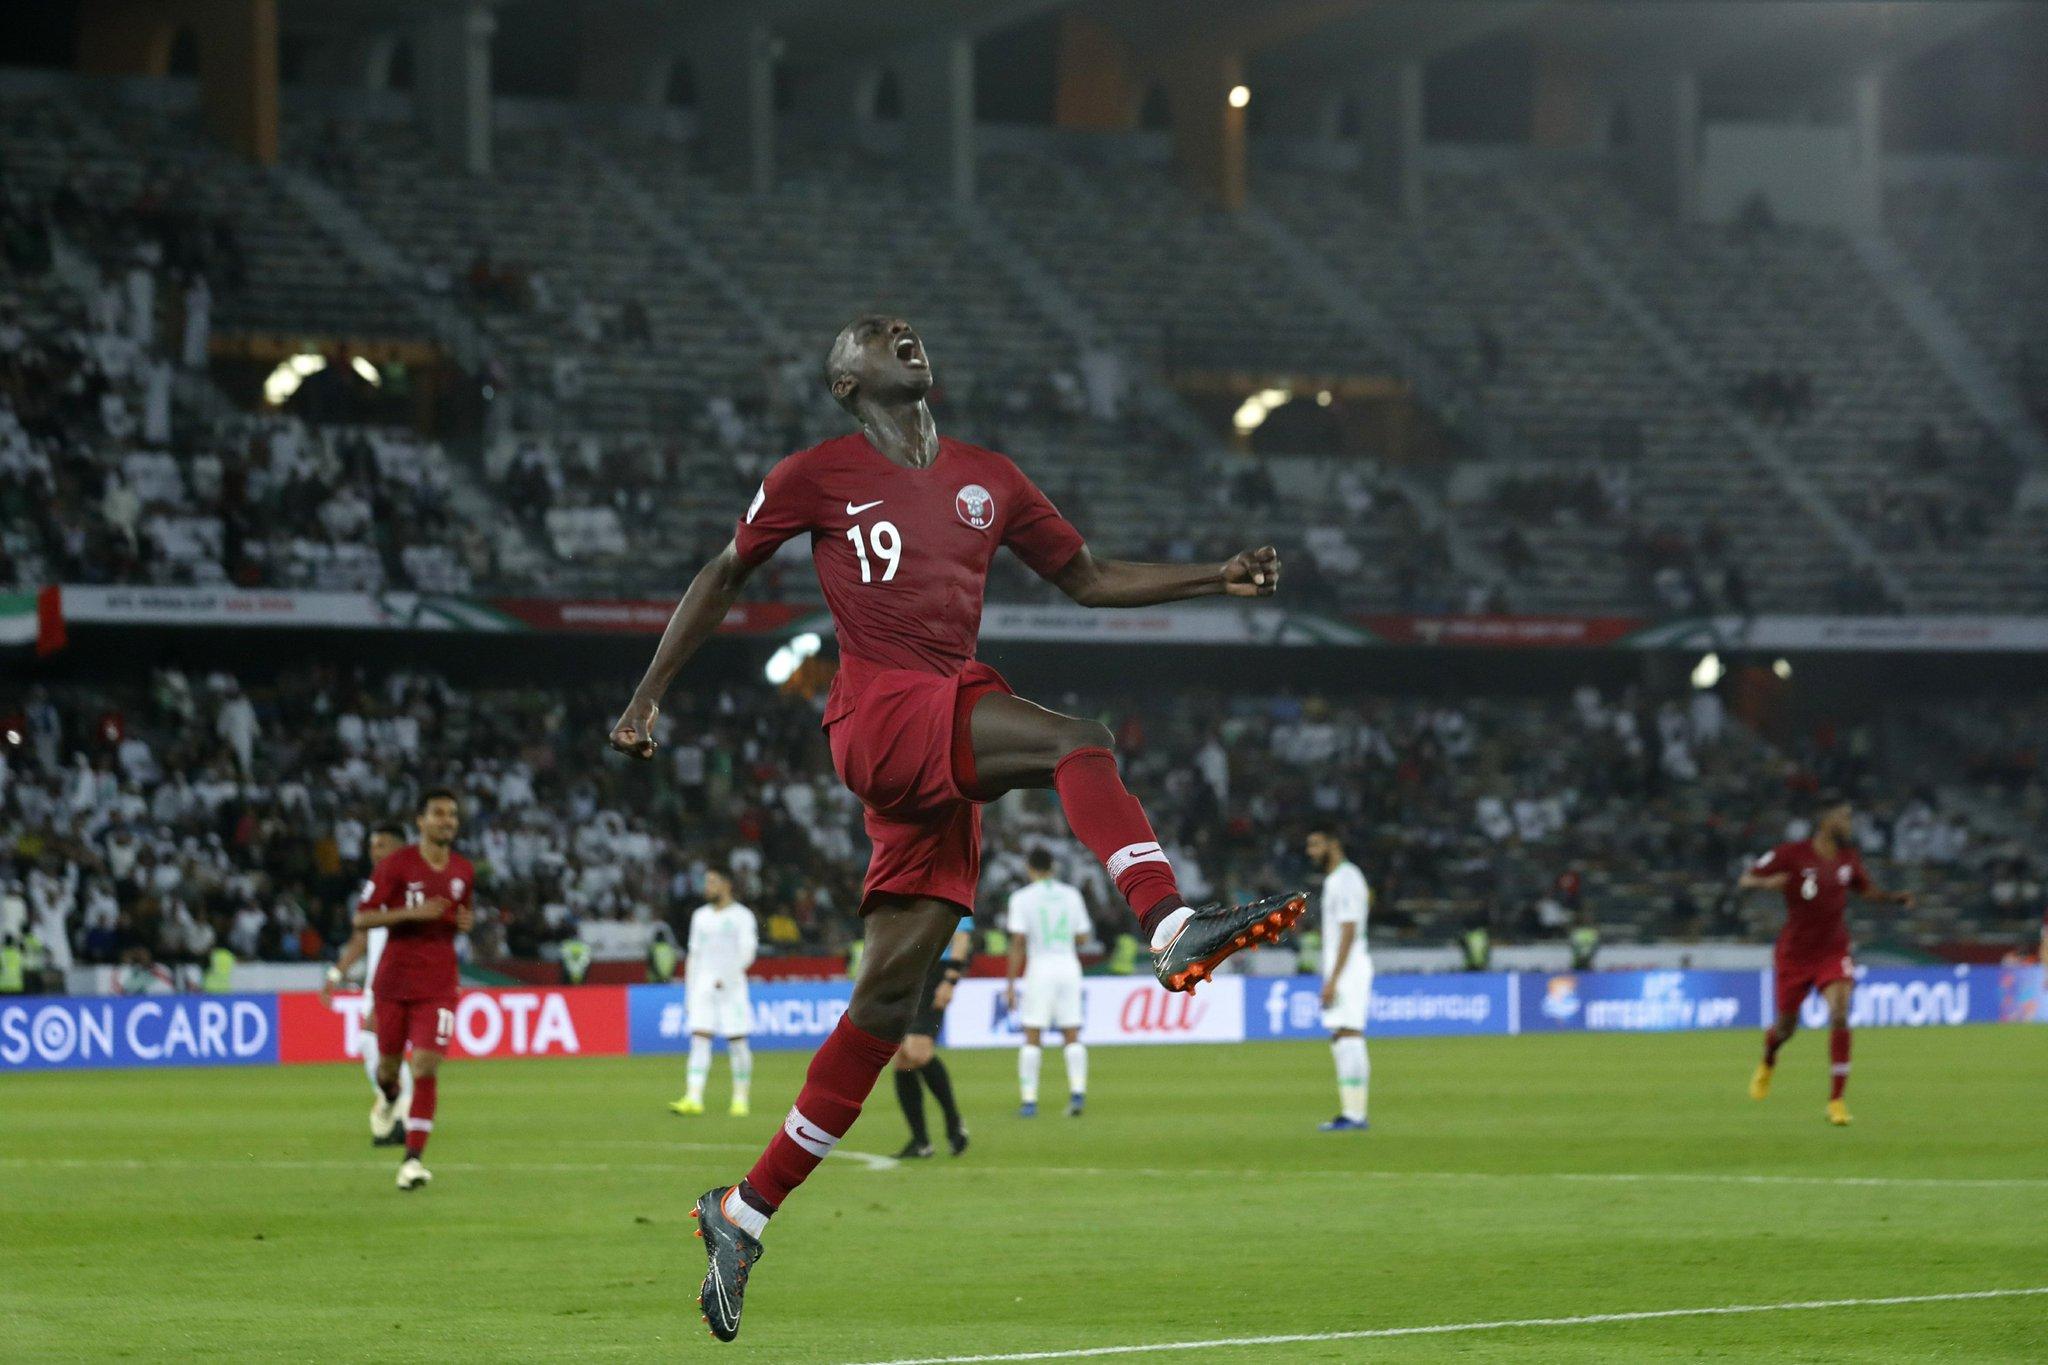 6场8球!阿尔莫兹追平代伊保持的单届亚洲杯进球纪录